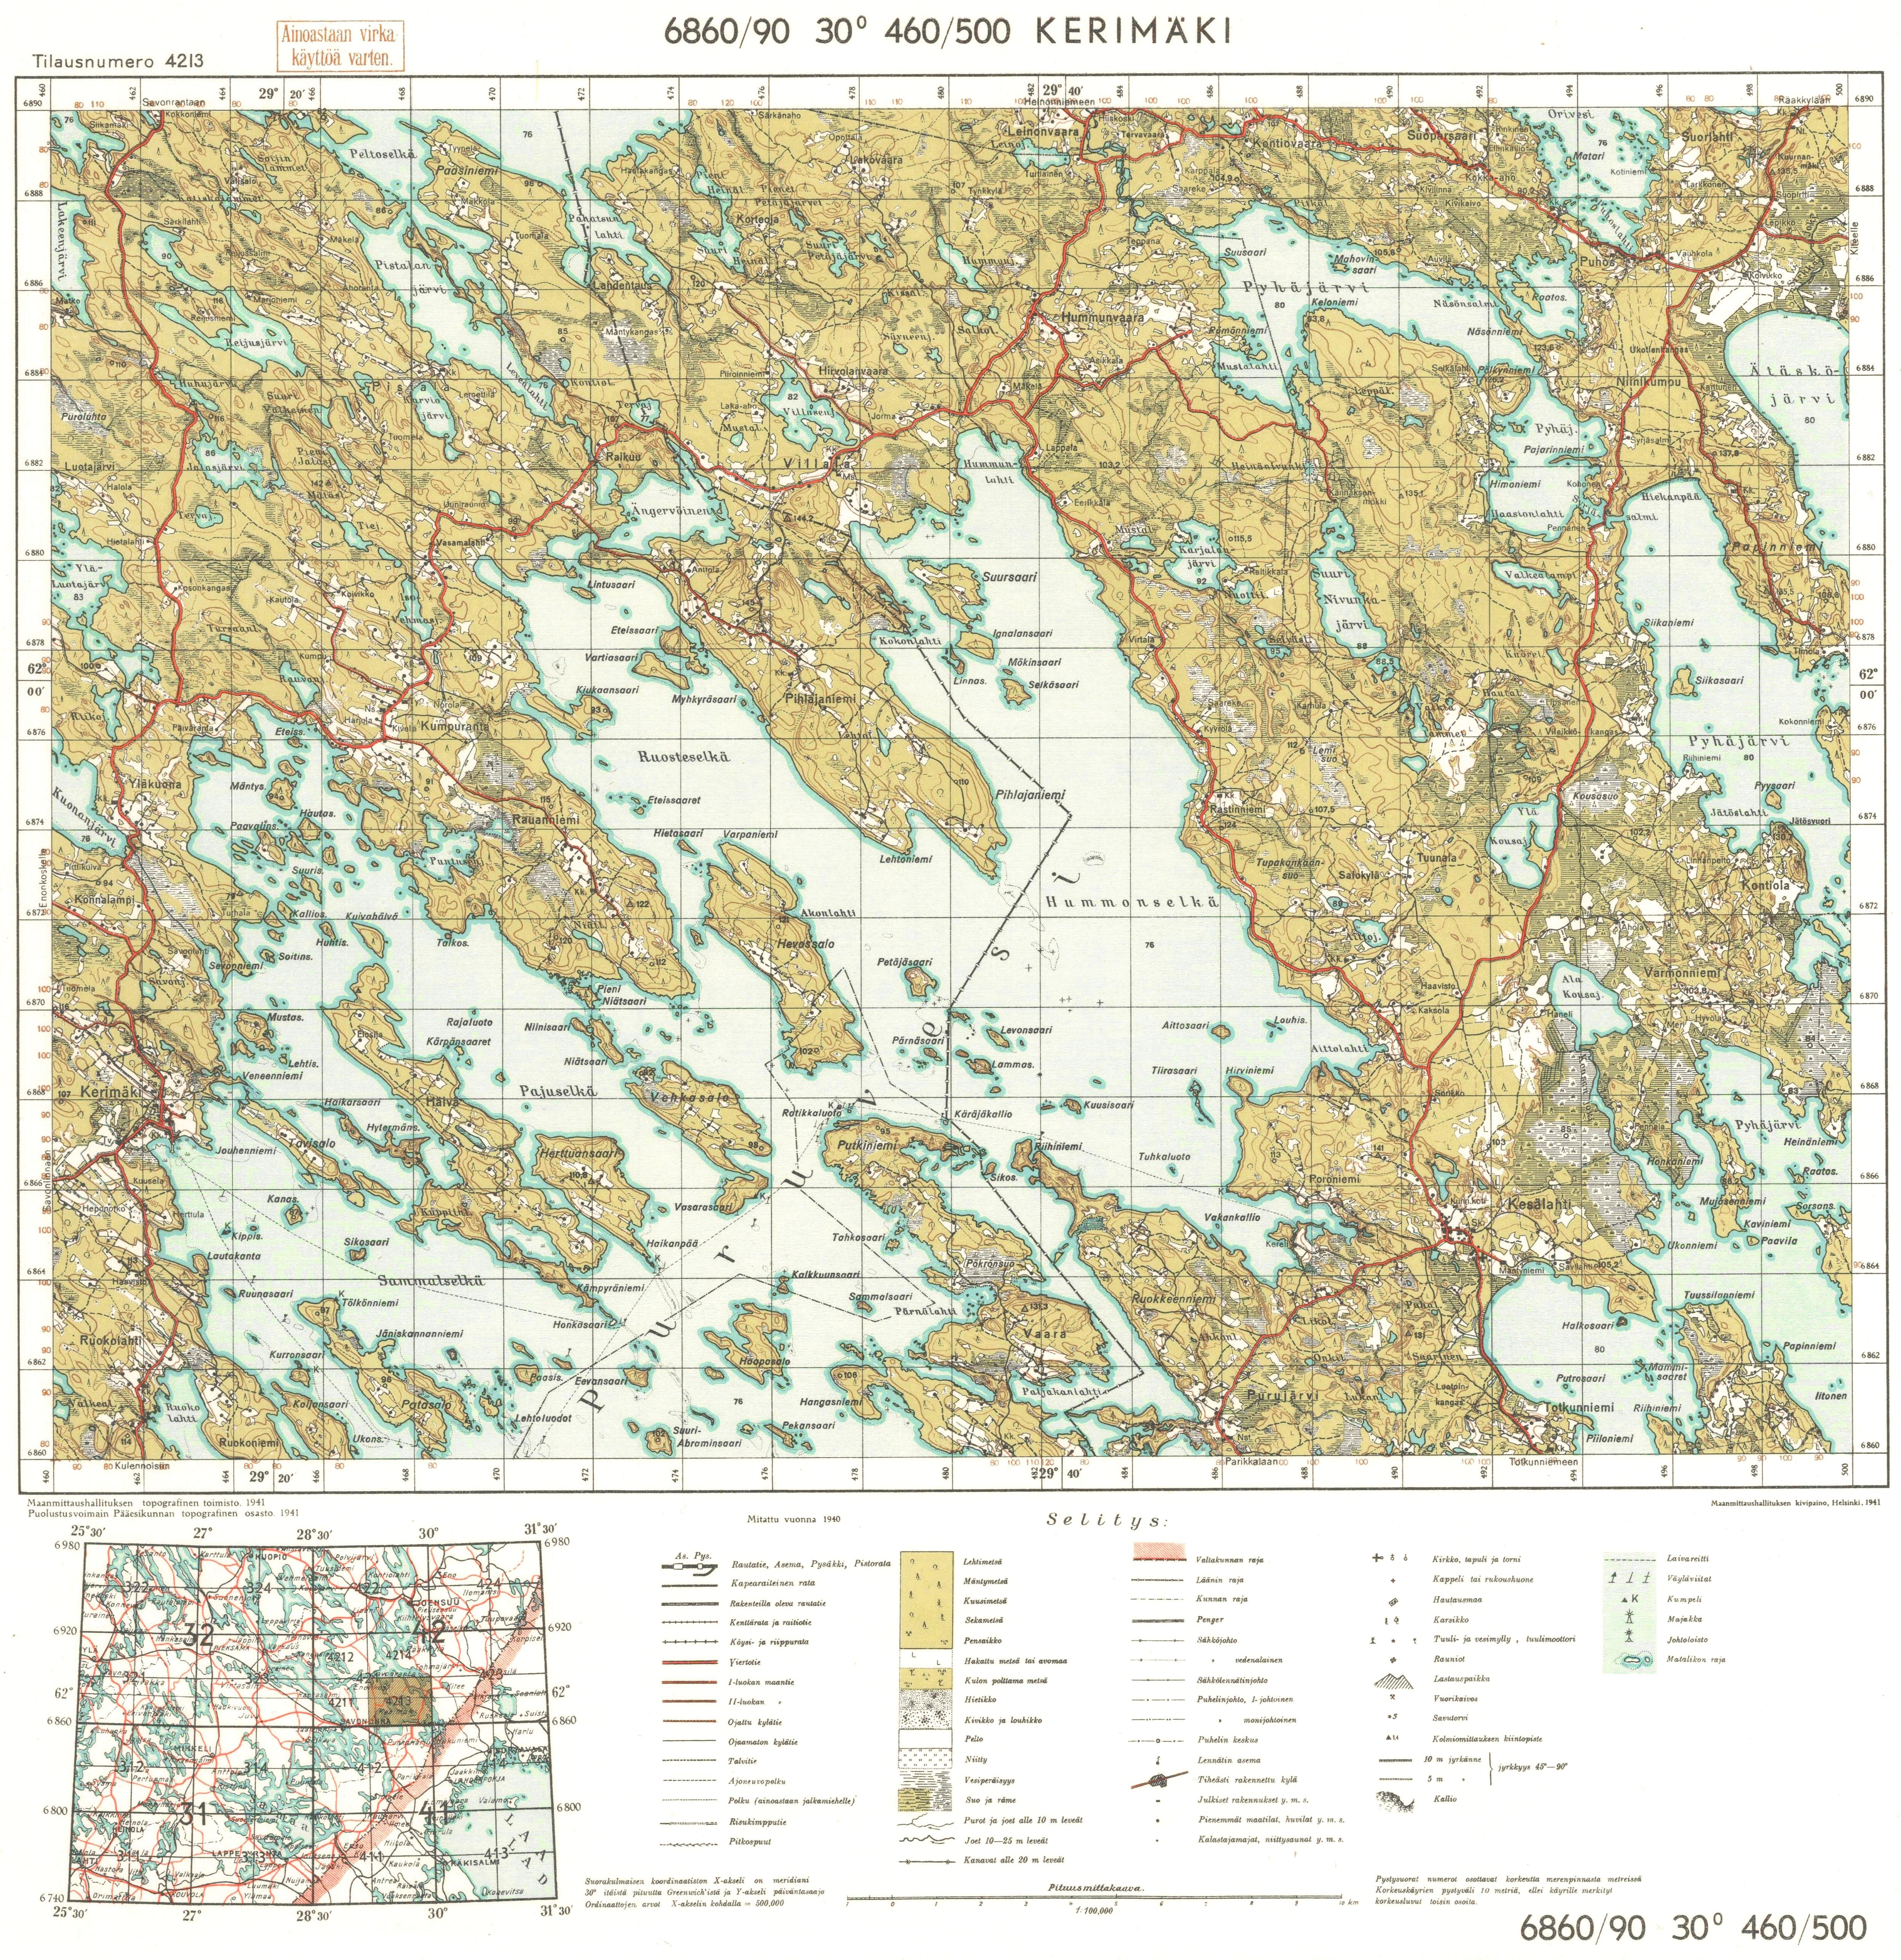 Index Of Kartat Topografiset Kartat